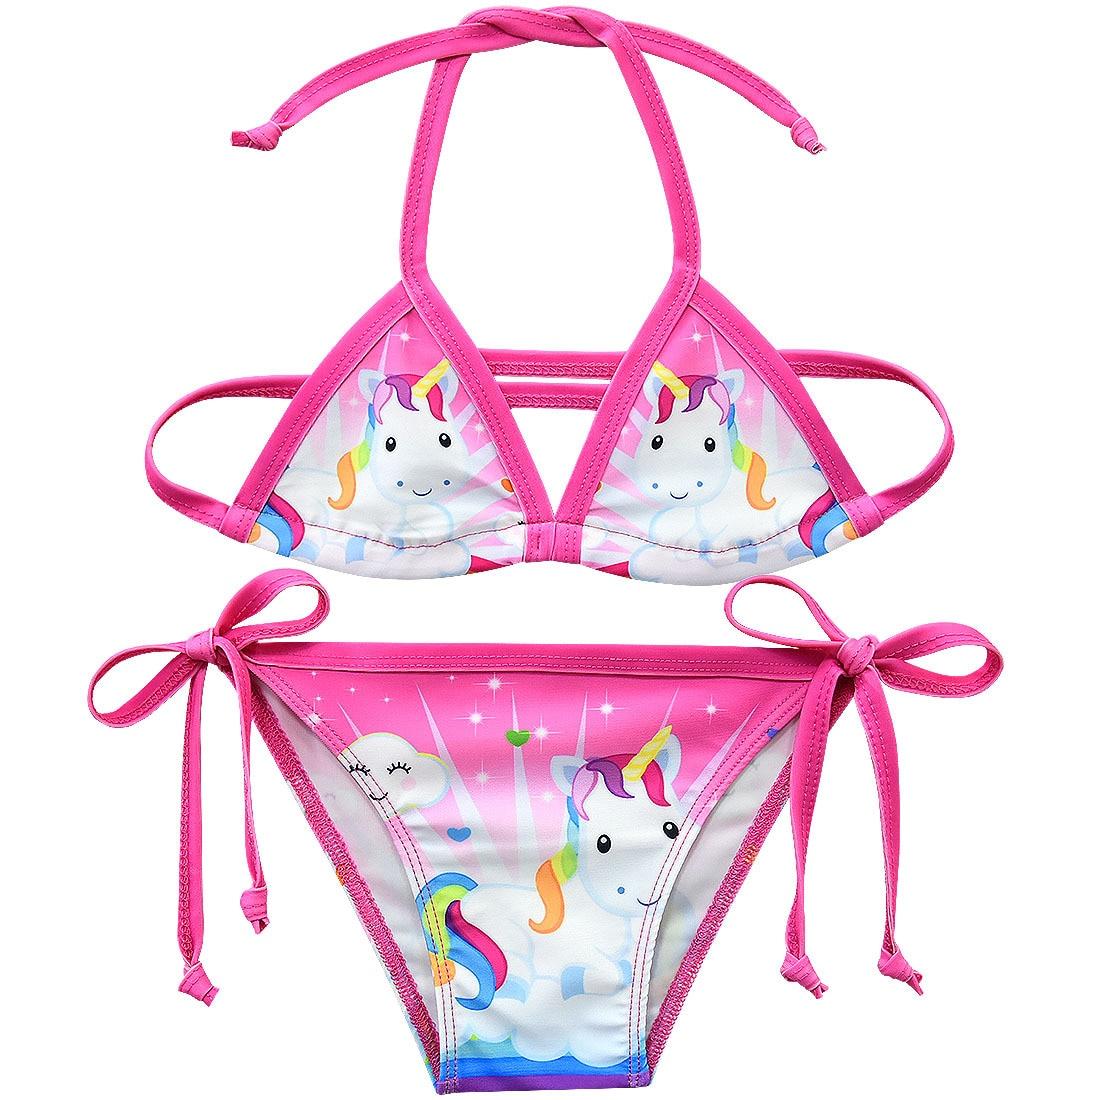 2019 Unicorn Girls Swimsuit 3-12 Years Two Piece Children's Swimwear Girls Bikini Set Unicorn Beachwear G48-8076